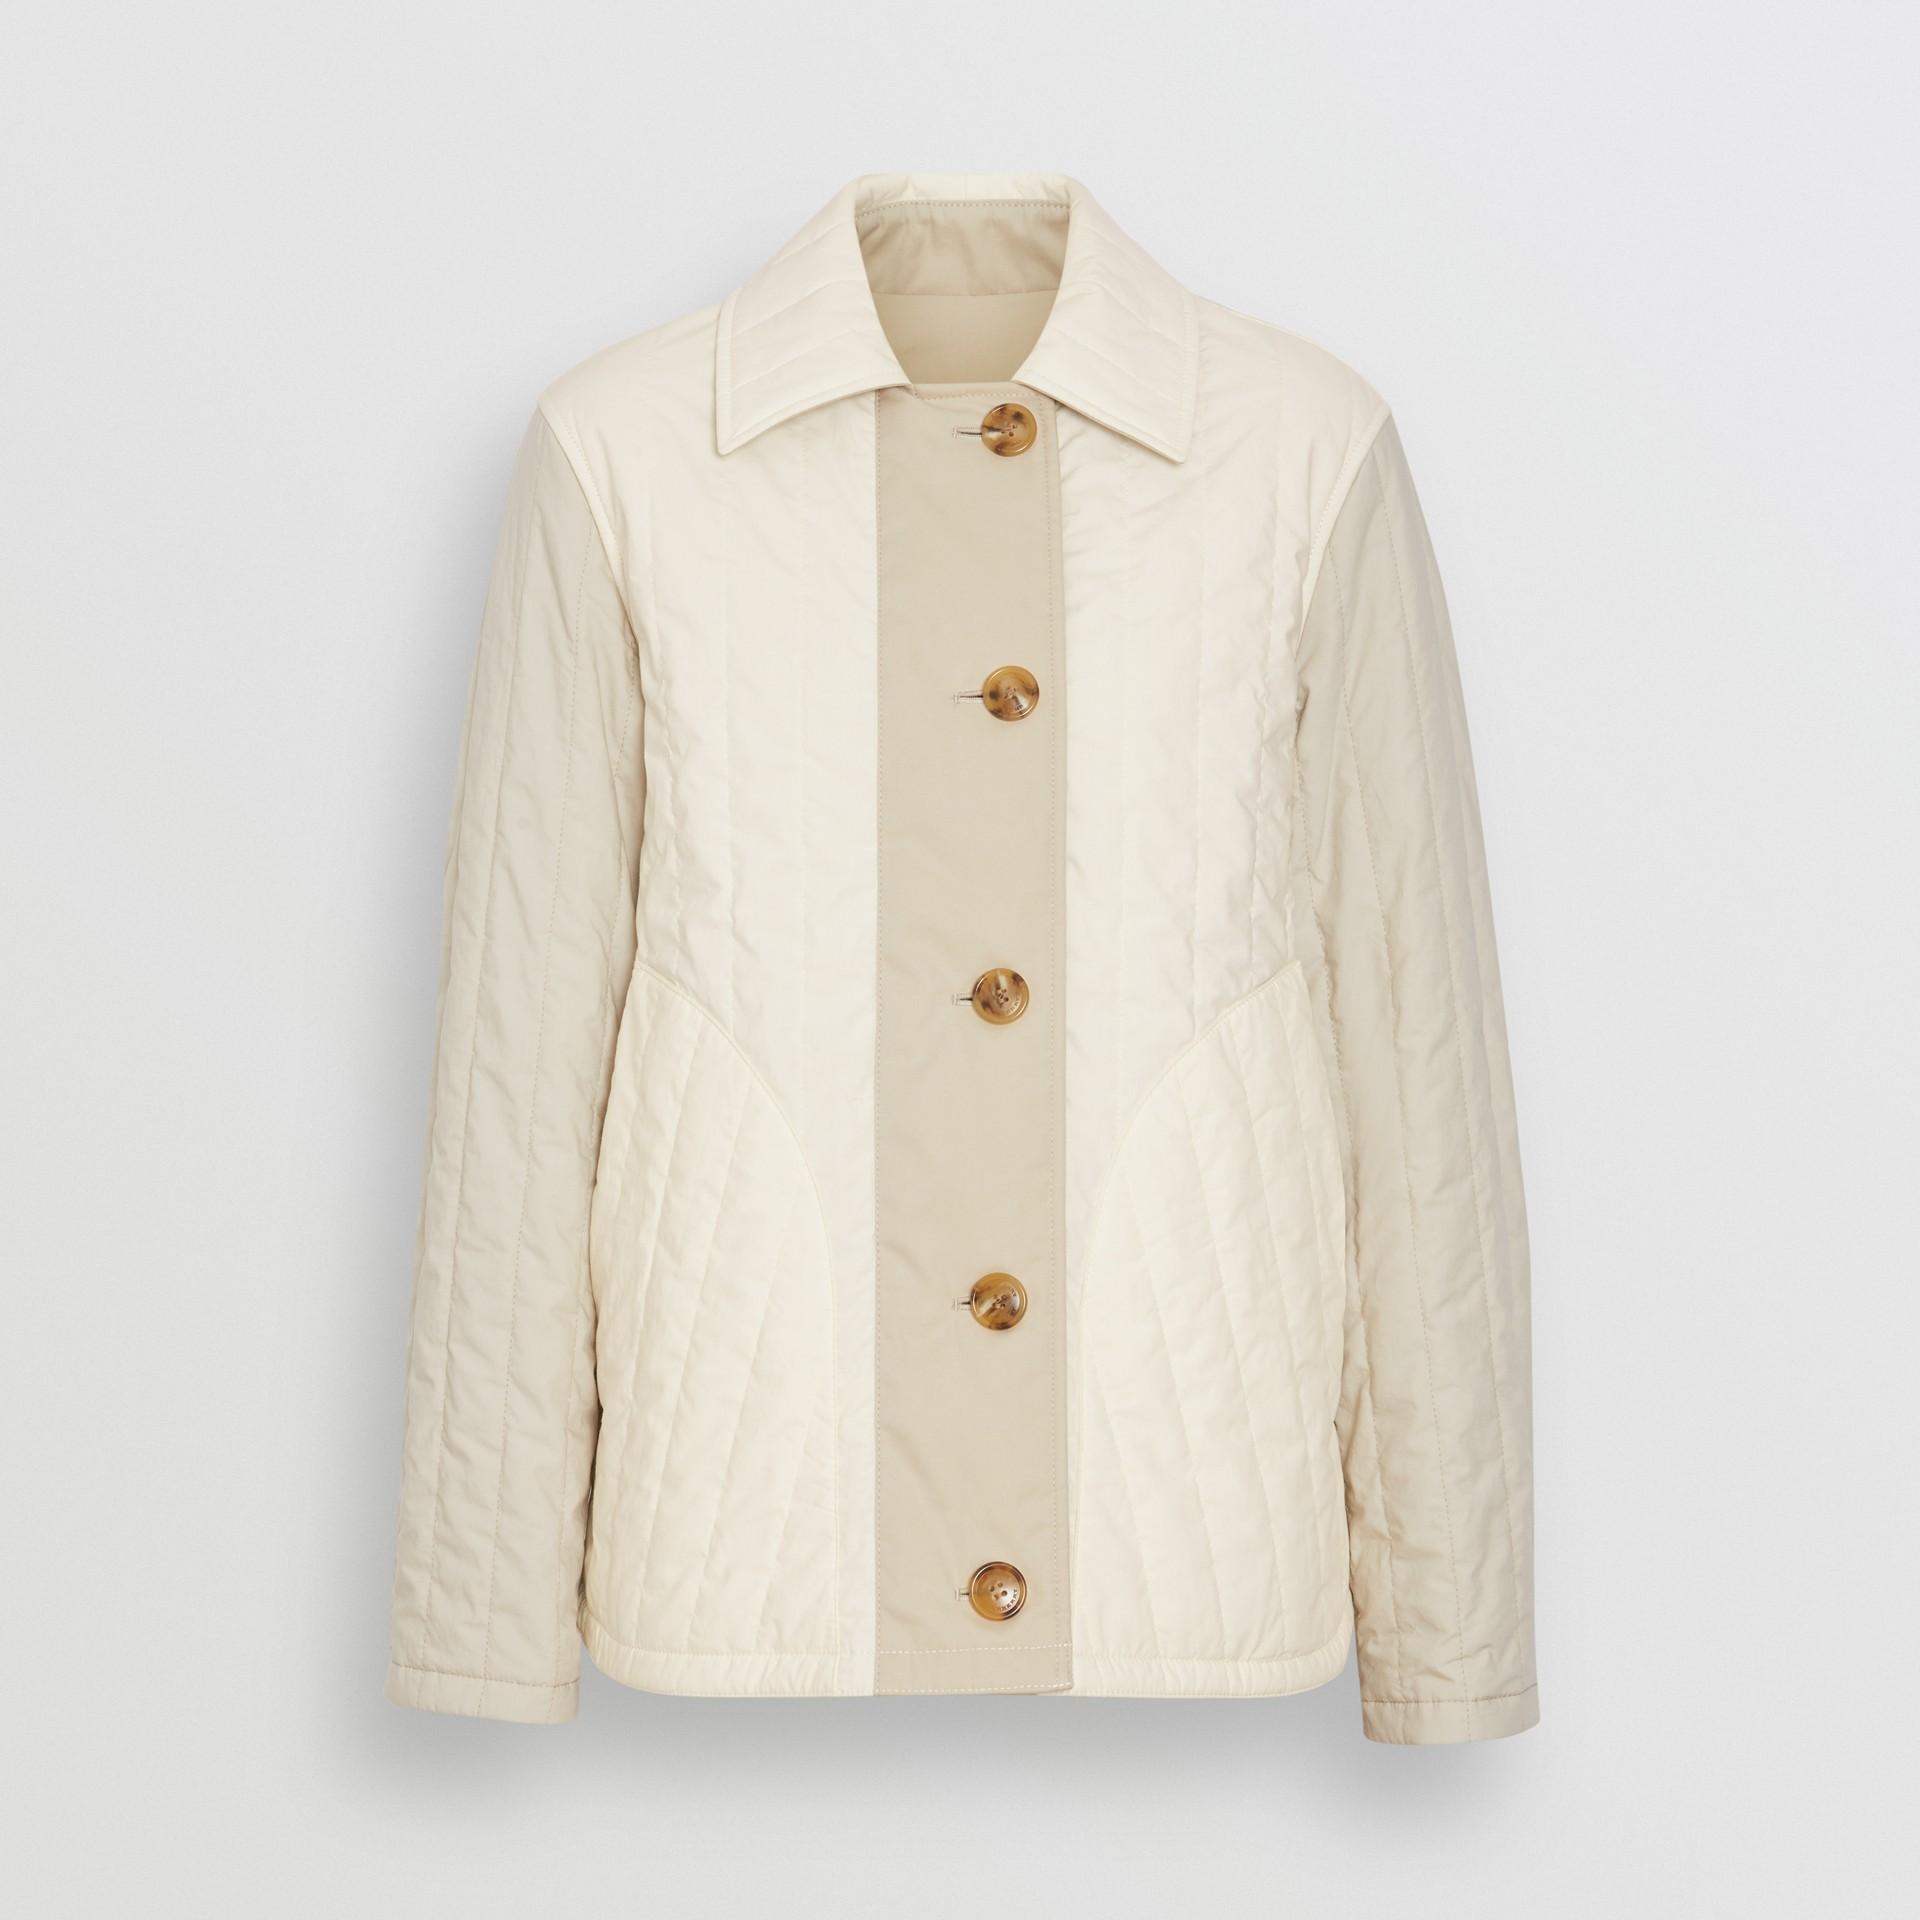 Giacca reversibile in cotone trapuntato (Bianco Naturale) - Donna | Burberry - immagine della galleria 3